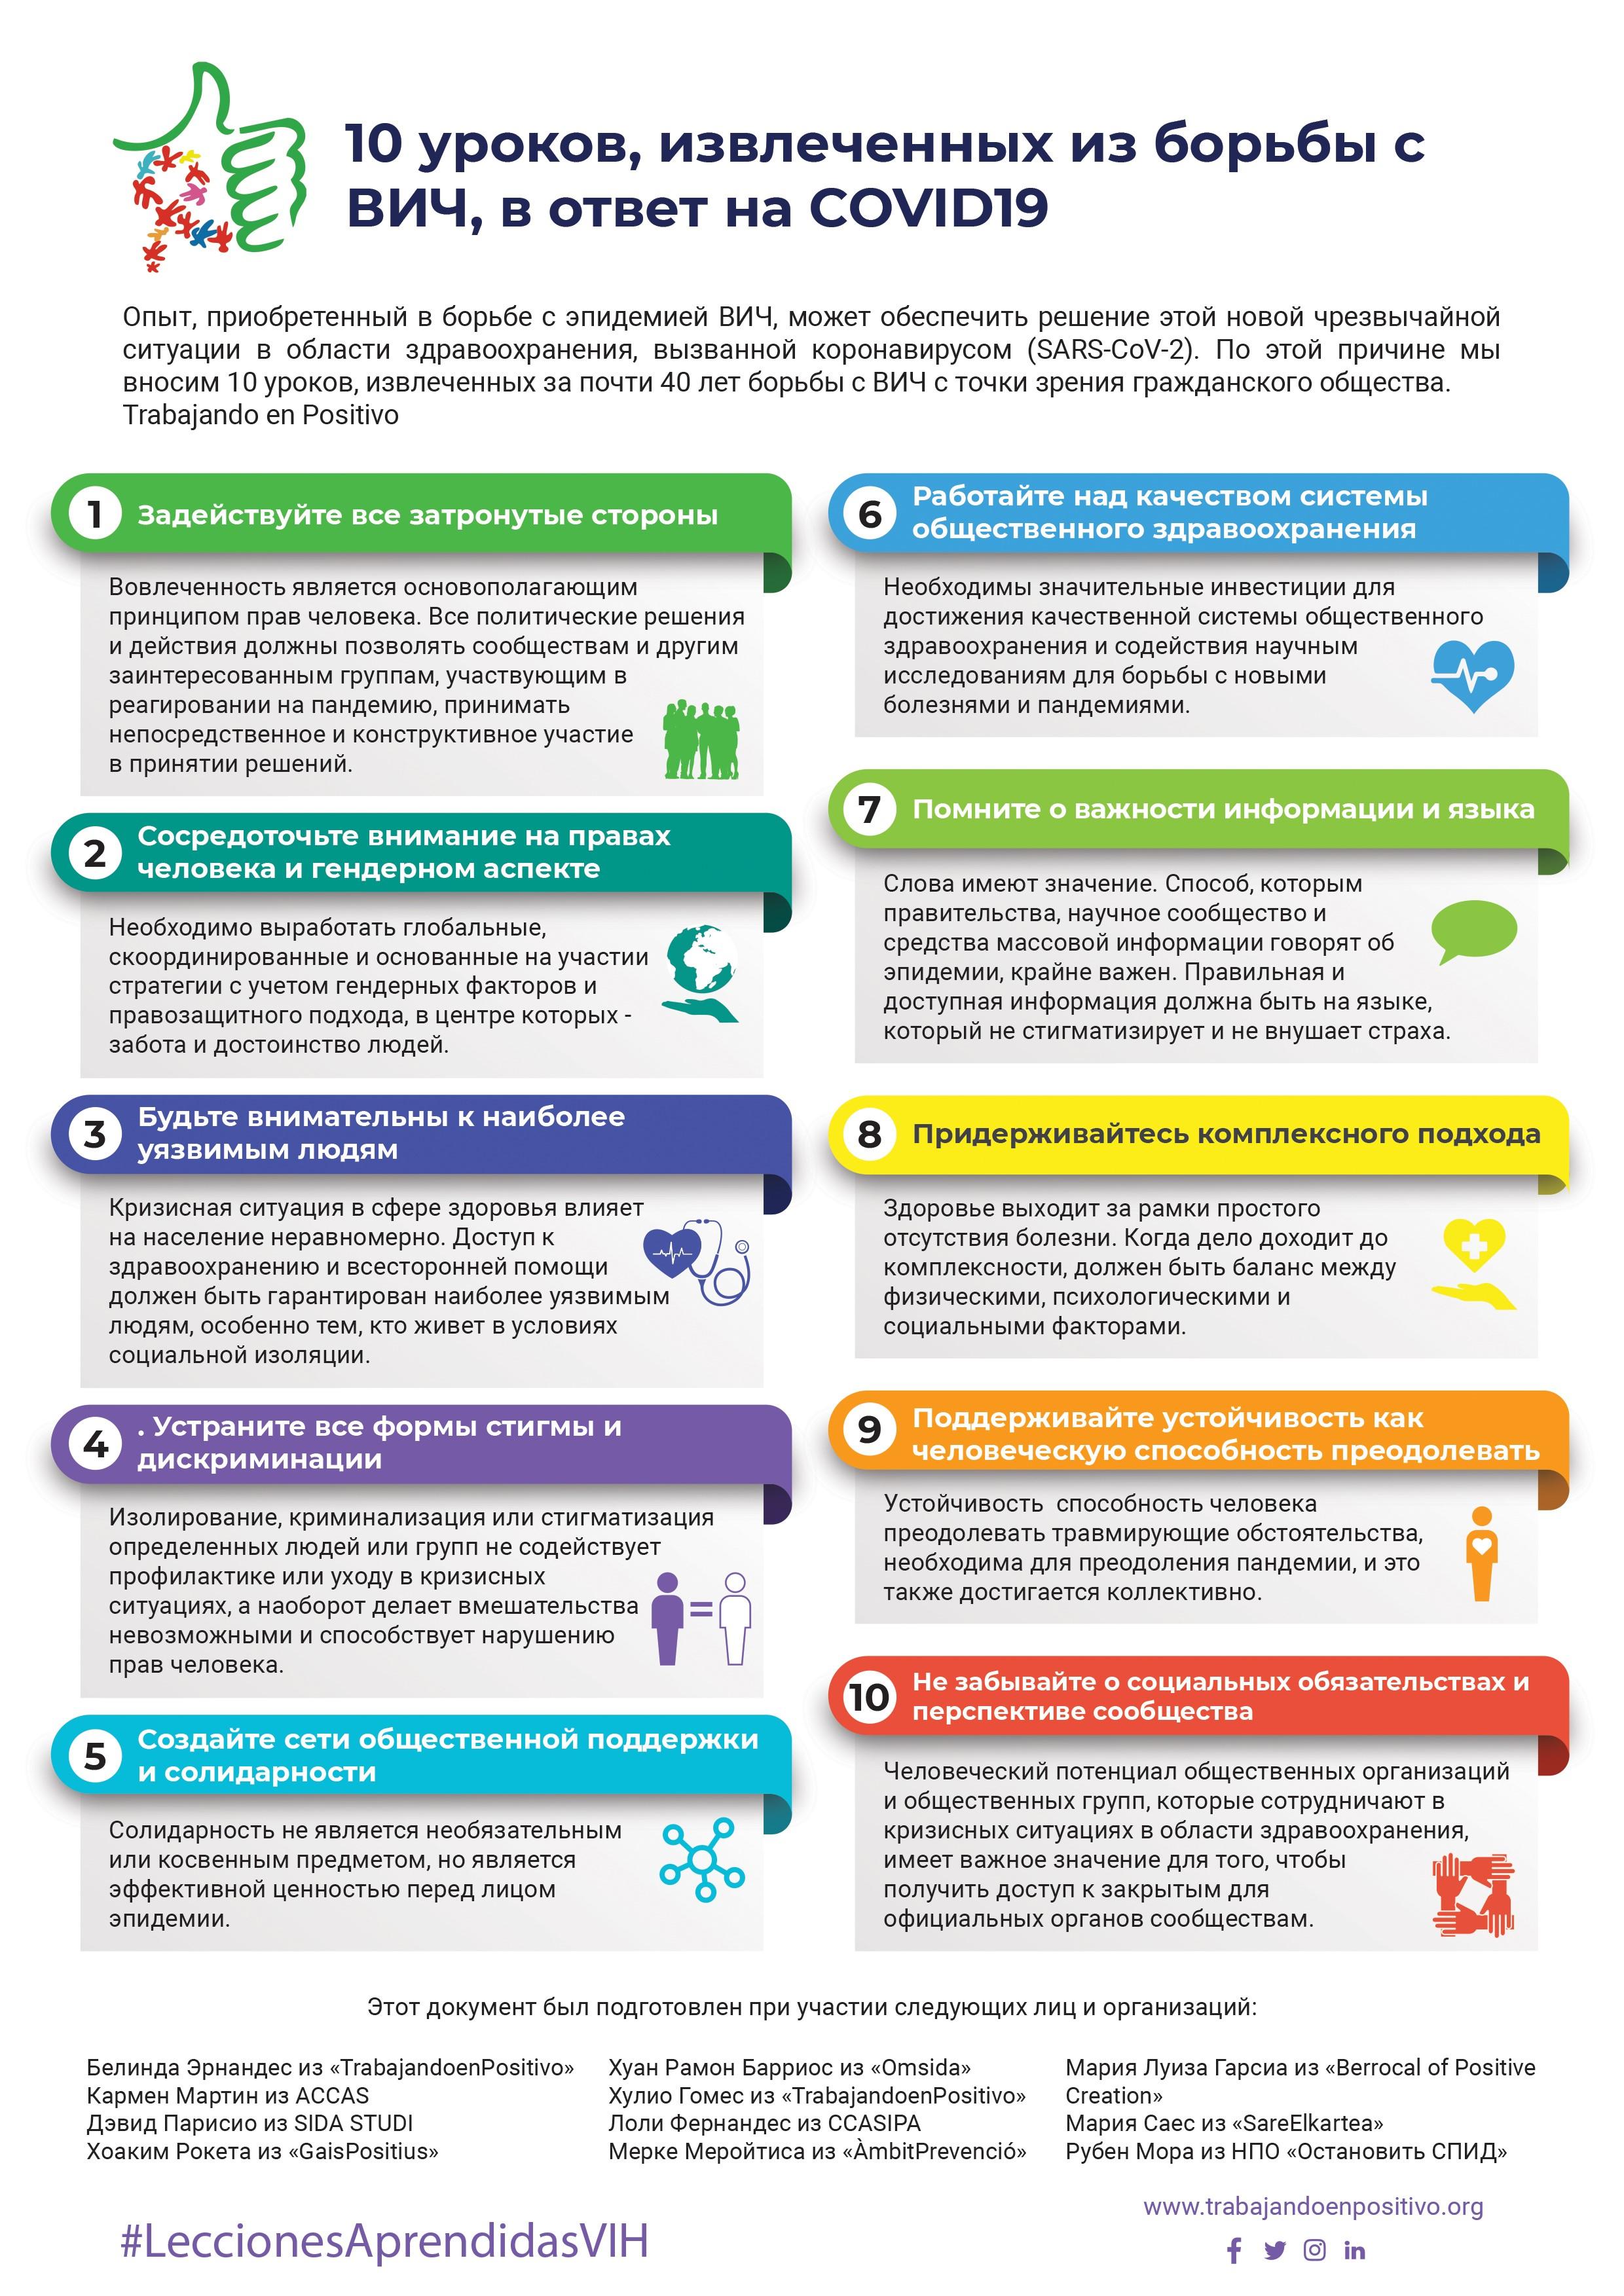 10 уроков, извлеченных из борьбы с ВИЧ, в ответ на COVID19